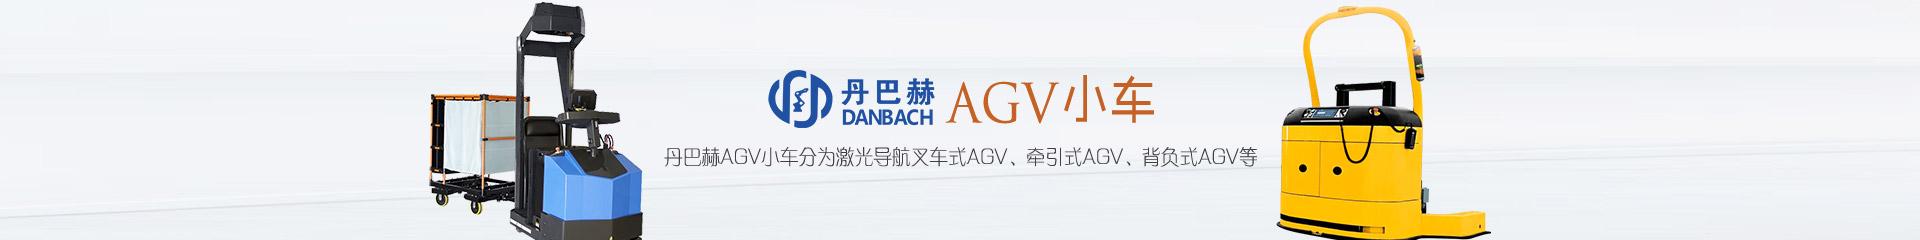 丹巴赫AGV小车